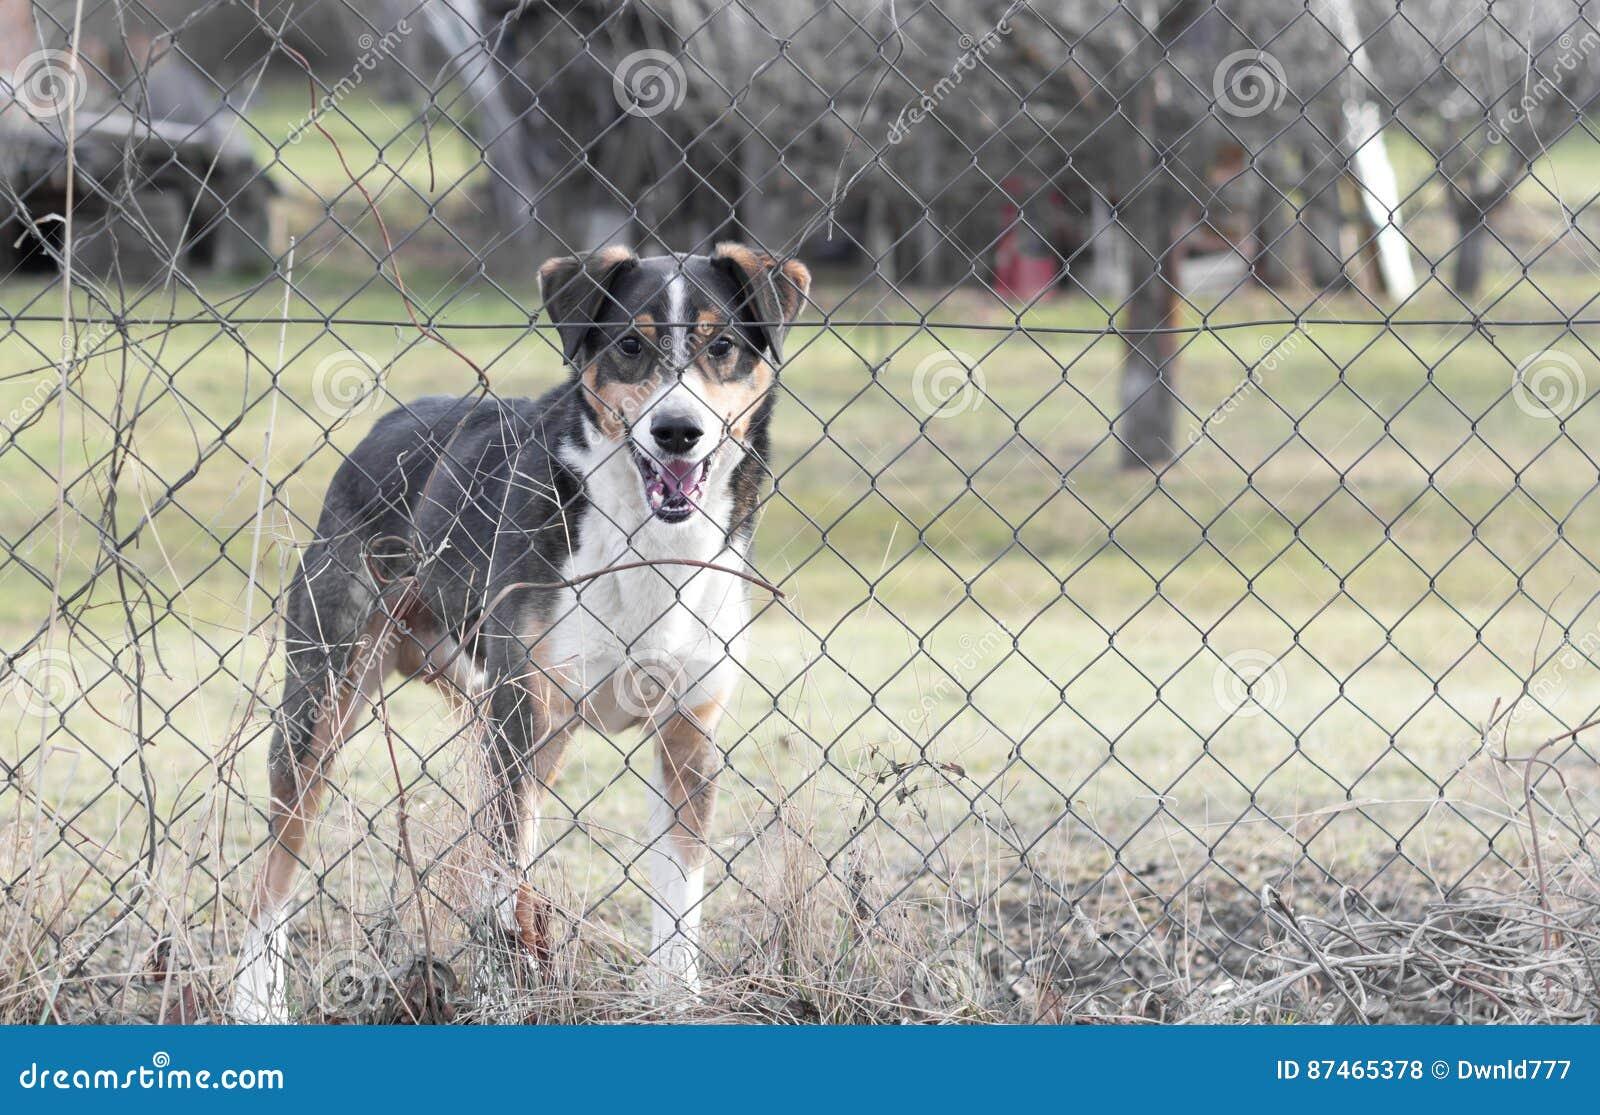 Hund Hinter Zaun Im Garten Stockfoto Bild Von Schauen 87465378